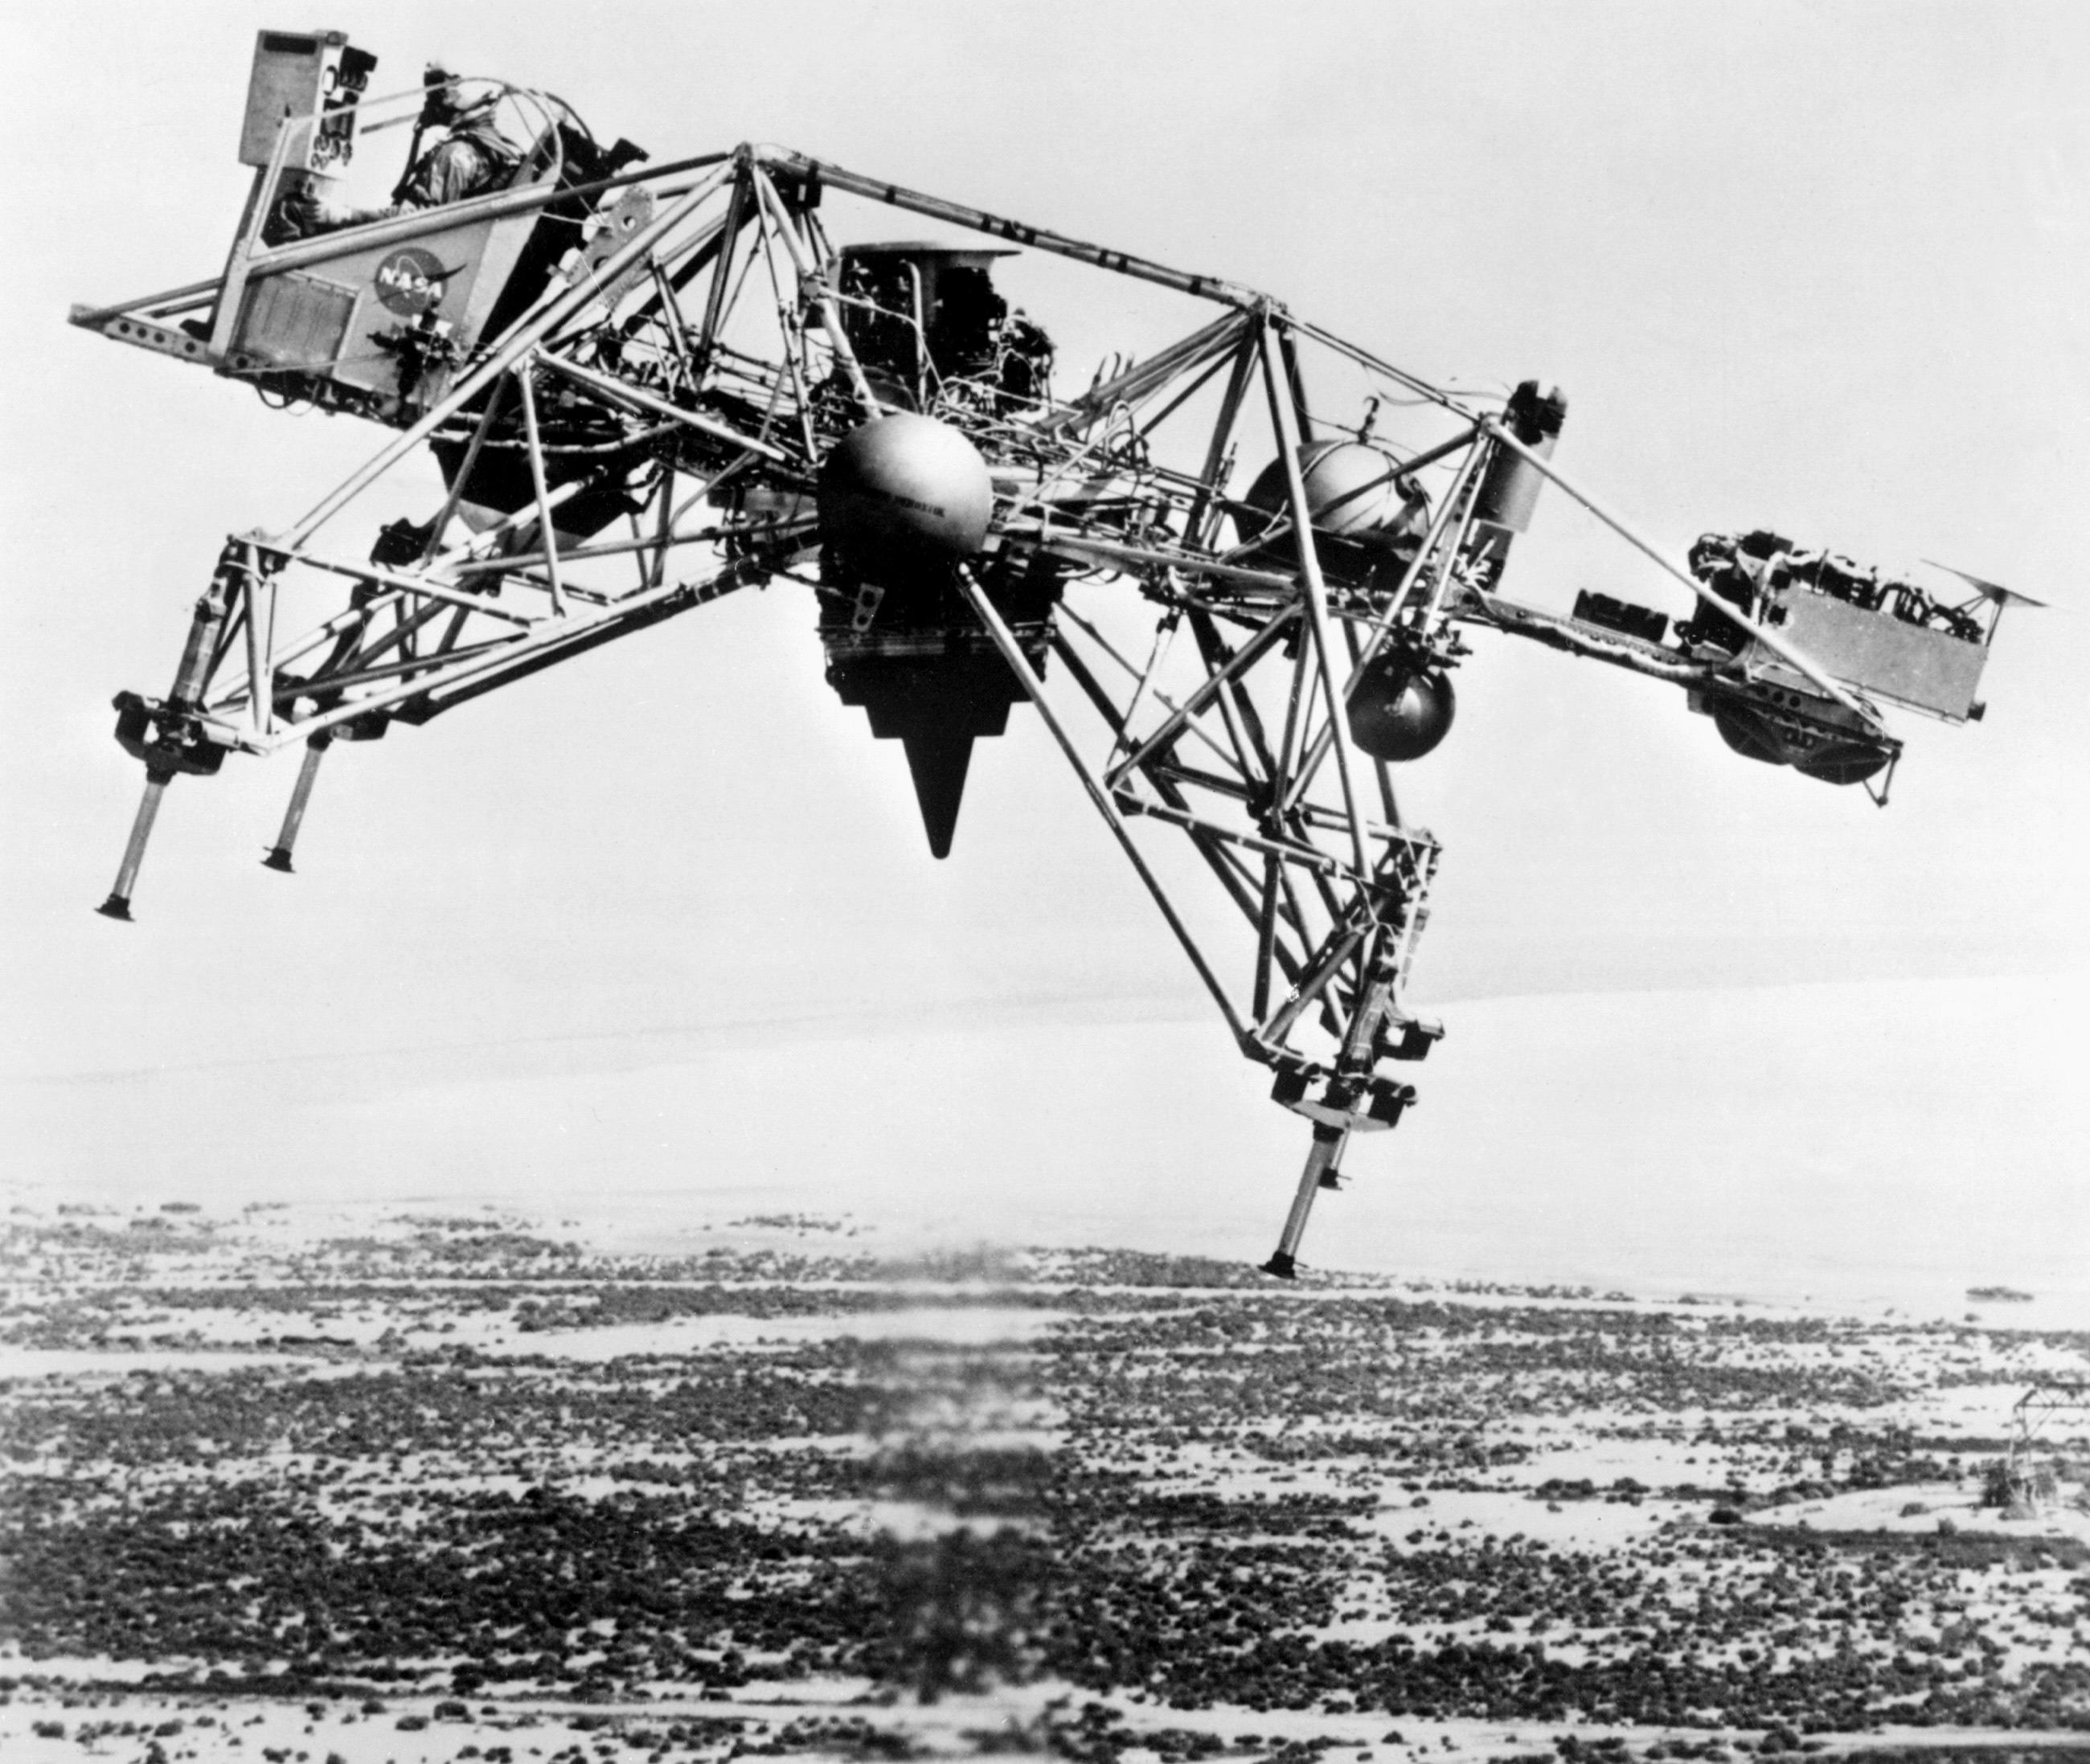 Будущий лунный модуль во время эксперимента набазе Эдвардс, 17 августа 1967 г.